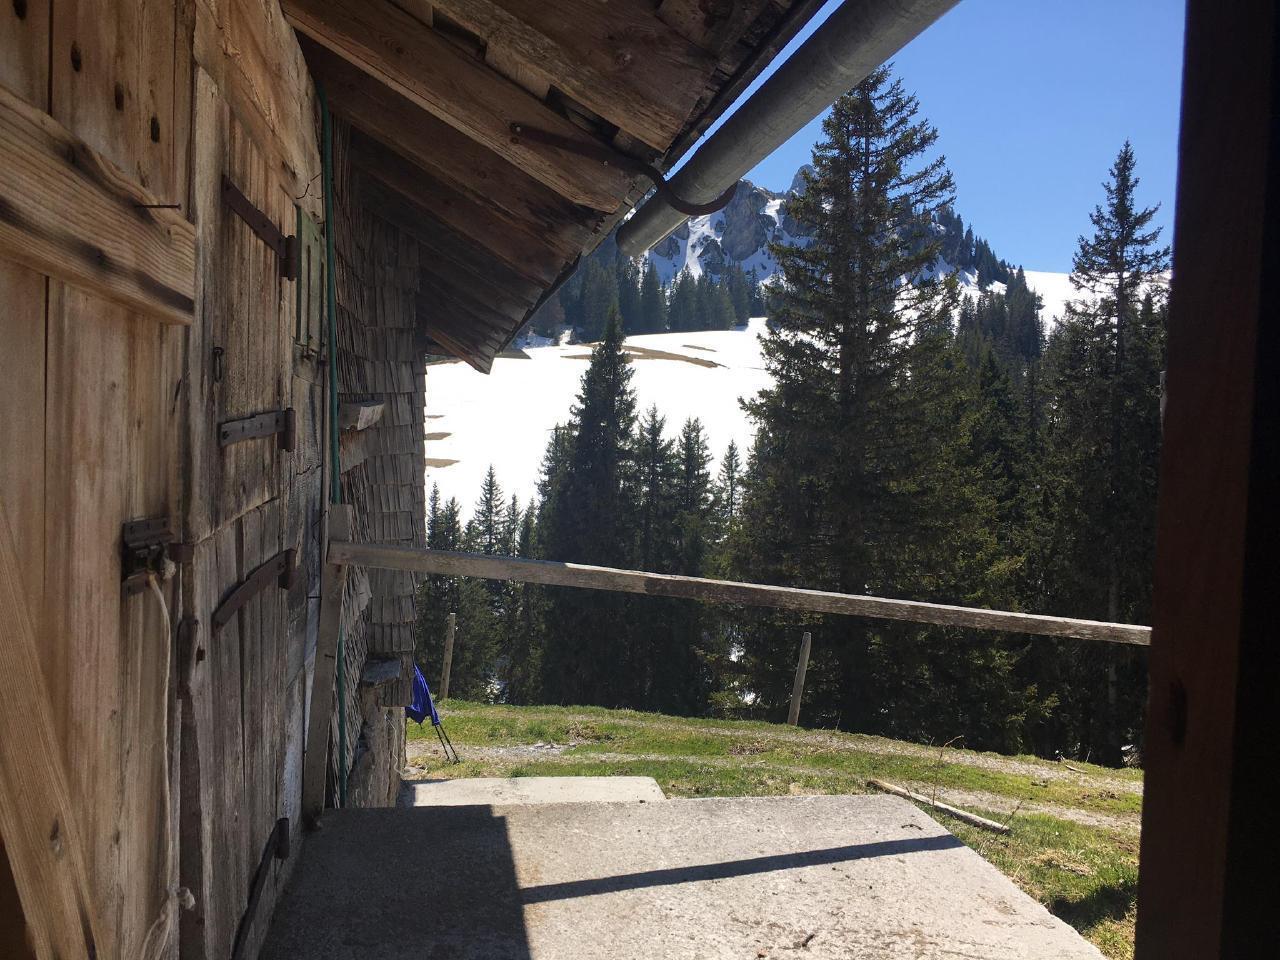 Appartement de vacances Chalet Park - Ferienwohnung privater Sauna und Hamam (934031), Diemtigen, Diemtigtal, Oberland bernois, Suisse, image 13